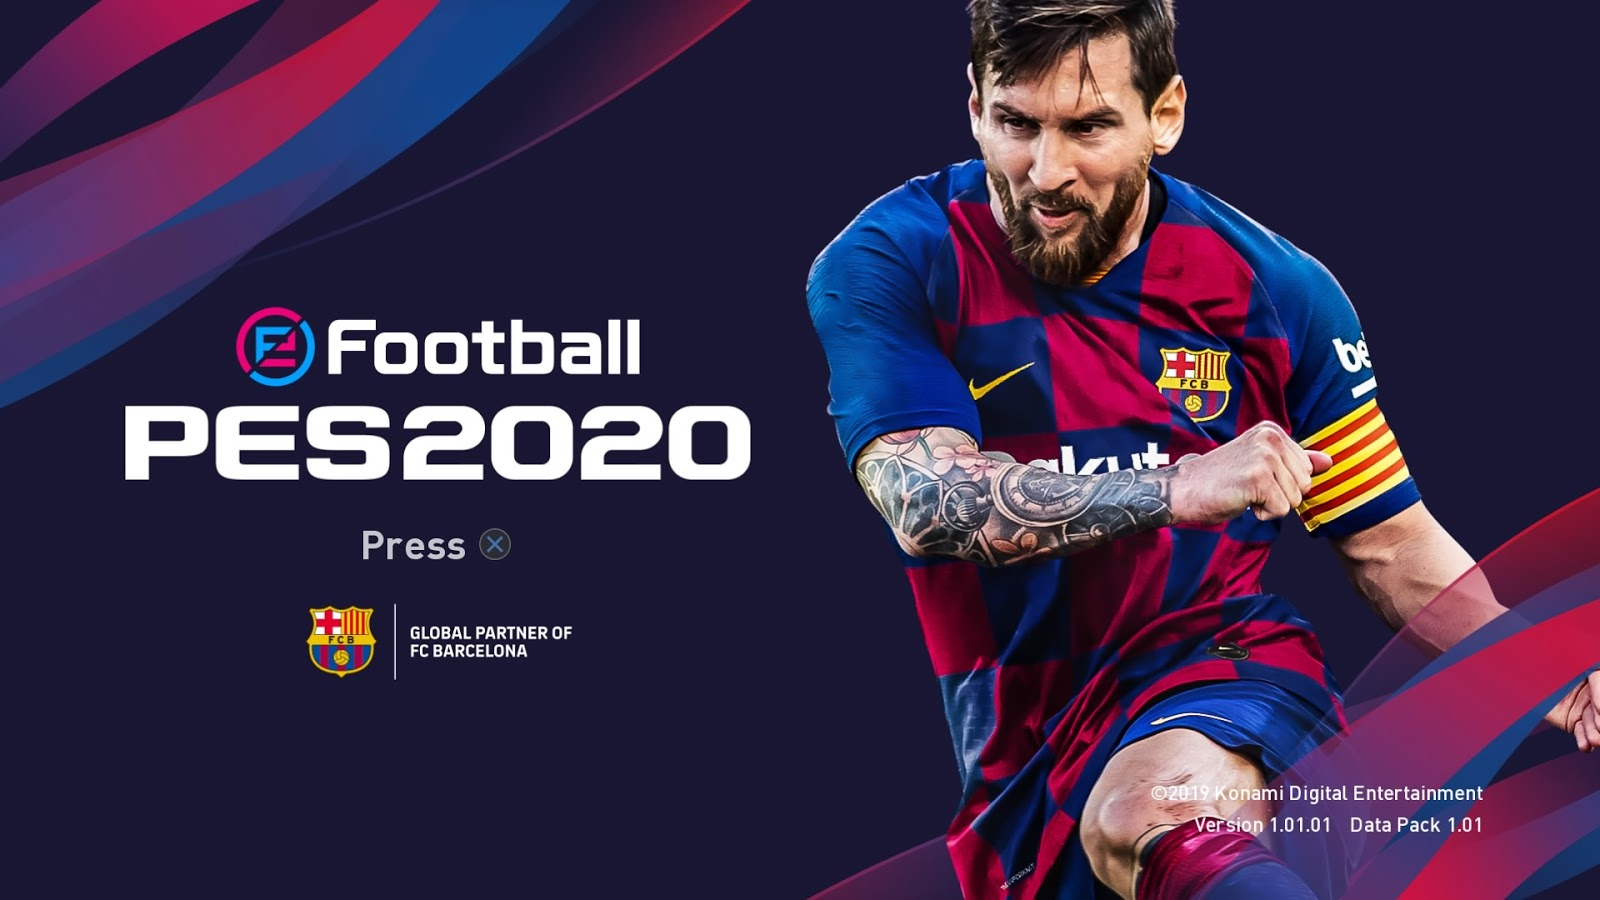 المراجعة الكاملة للعبة eFootball PES 2020